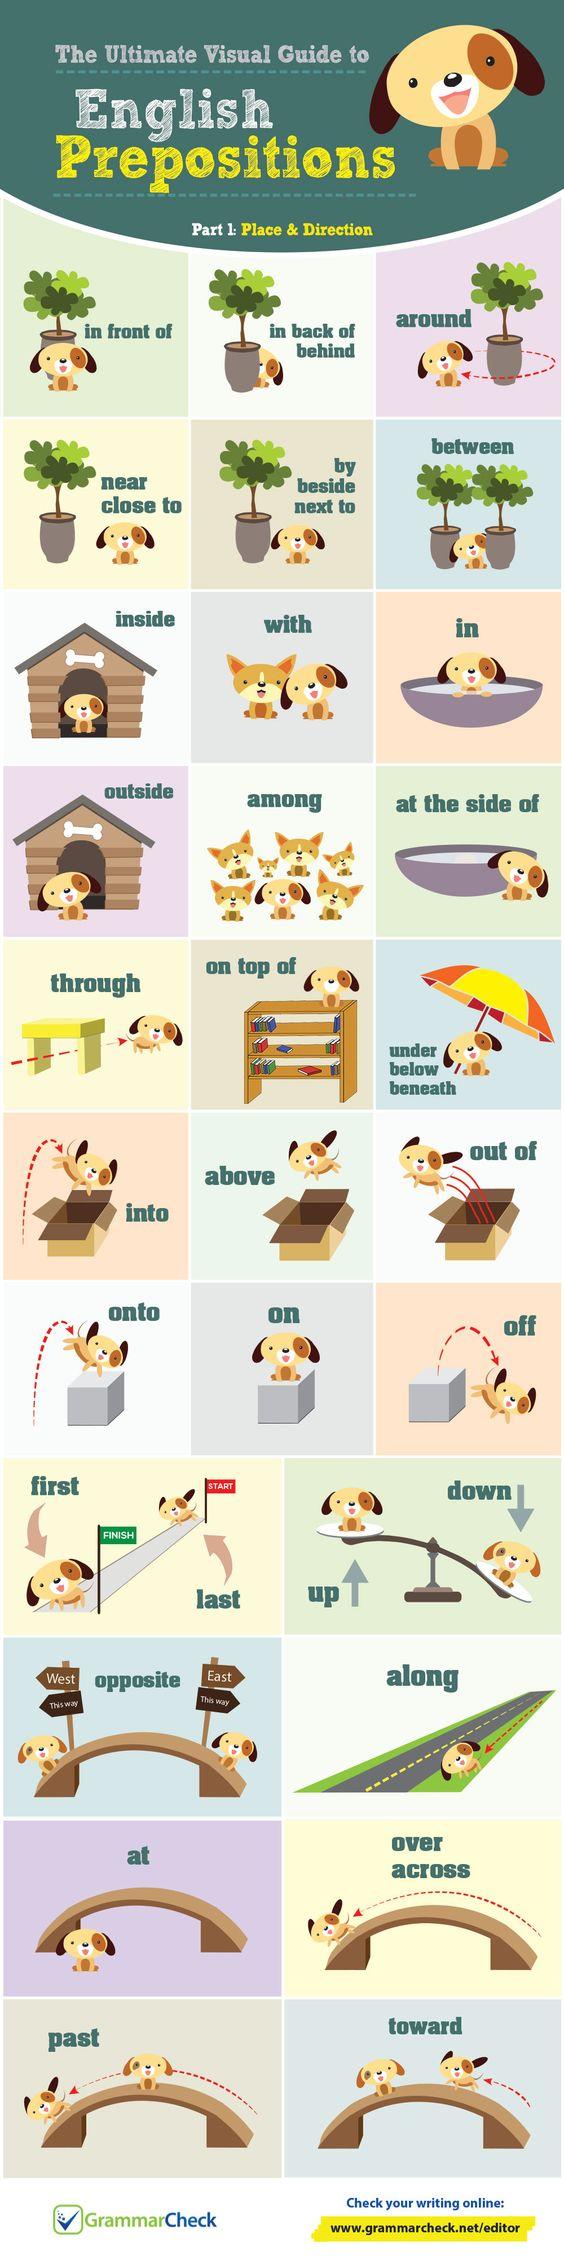 English Prepositions Part 1/2! Impossível de esquecer as preposições de LUGAR E DIREÇÕES com esse cachorro fofo, não ?!: